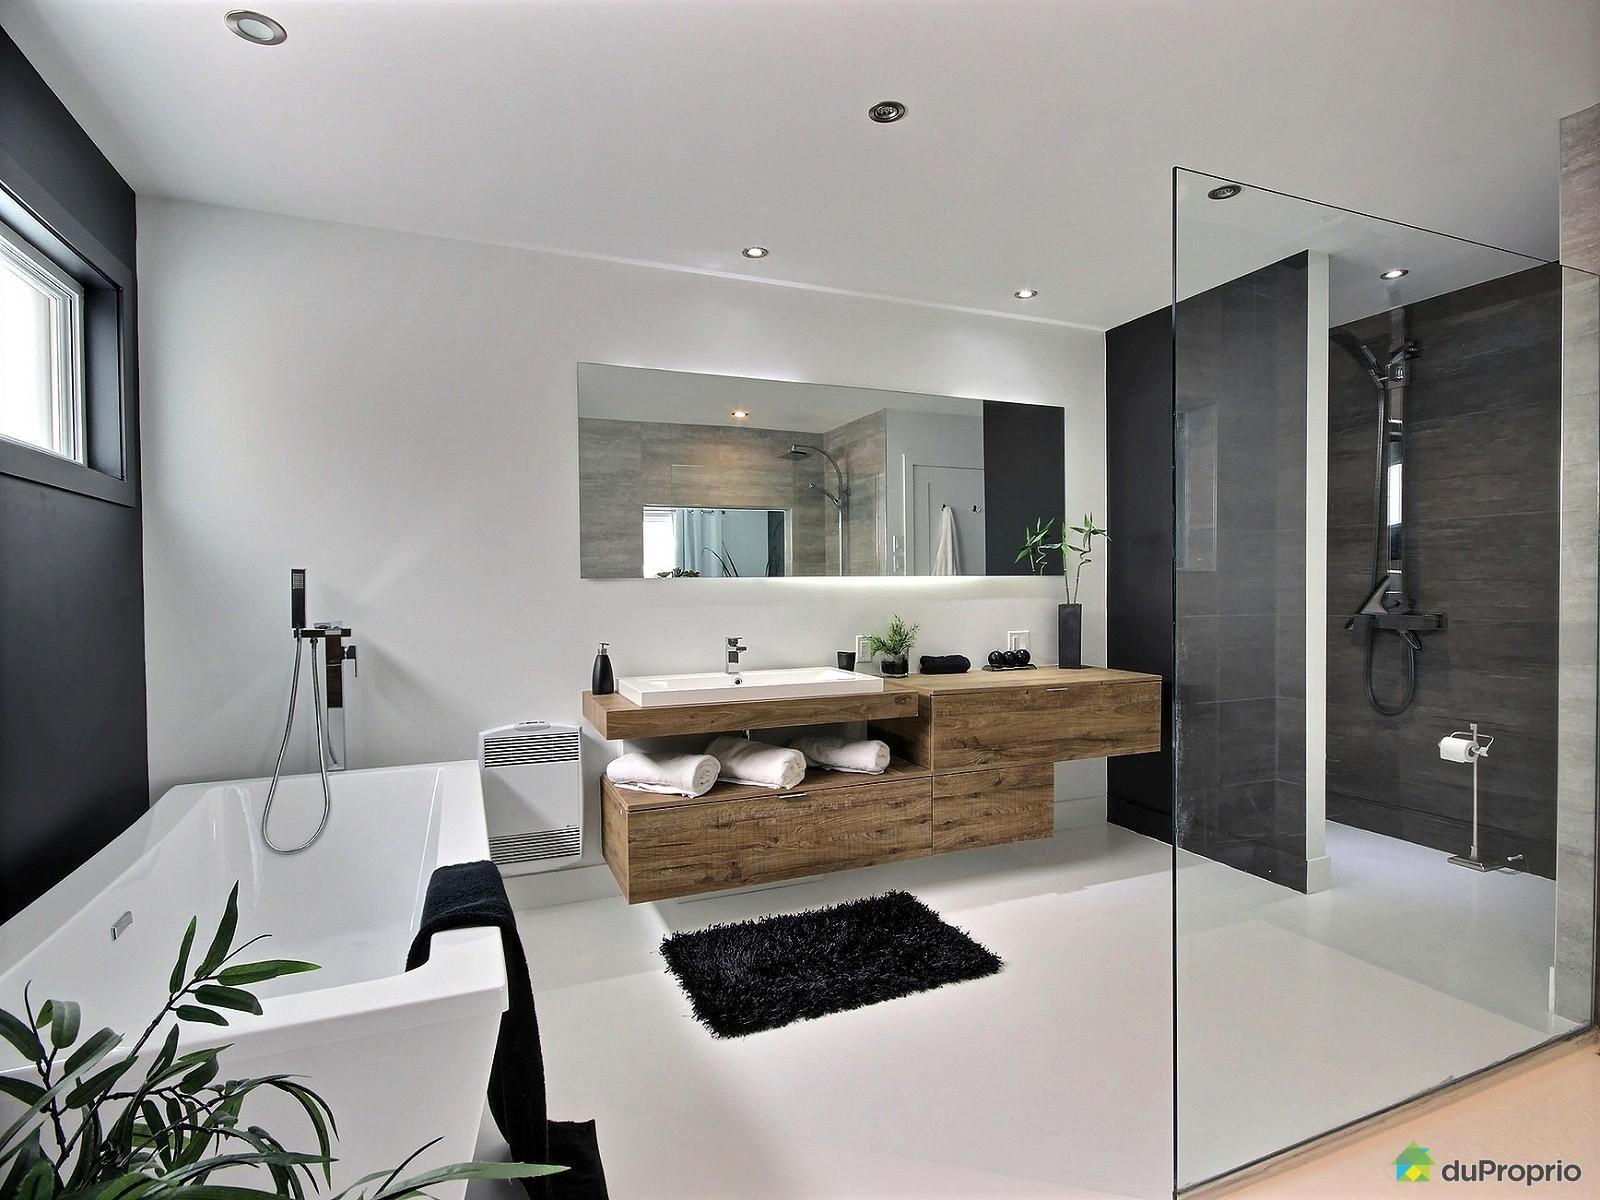 Salle de bain de r ve annex e la chambre de ma tre salle de bain noire et blanches de style - Salle de bain image ...